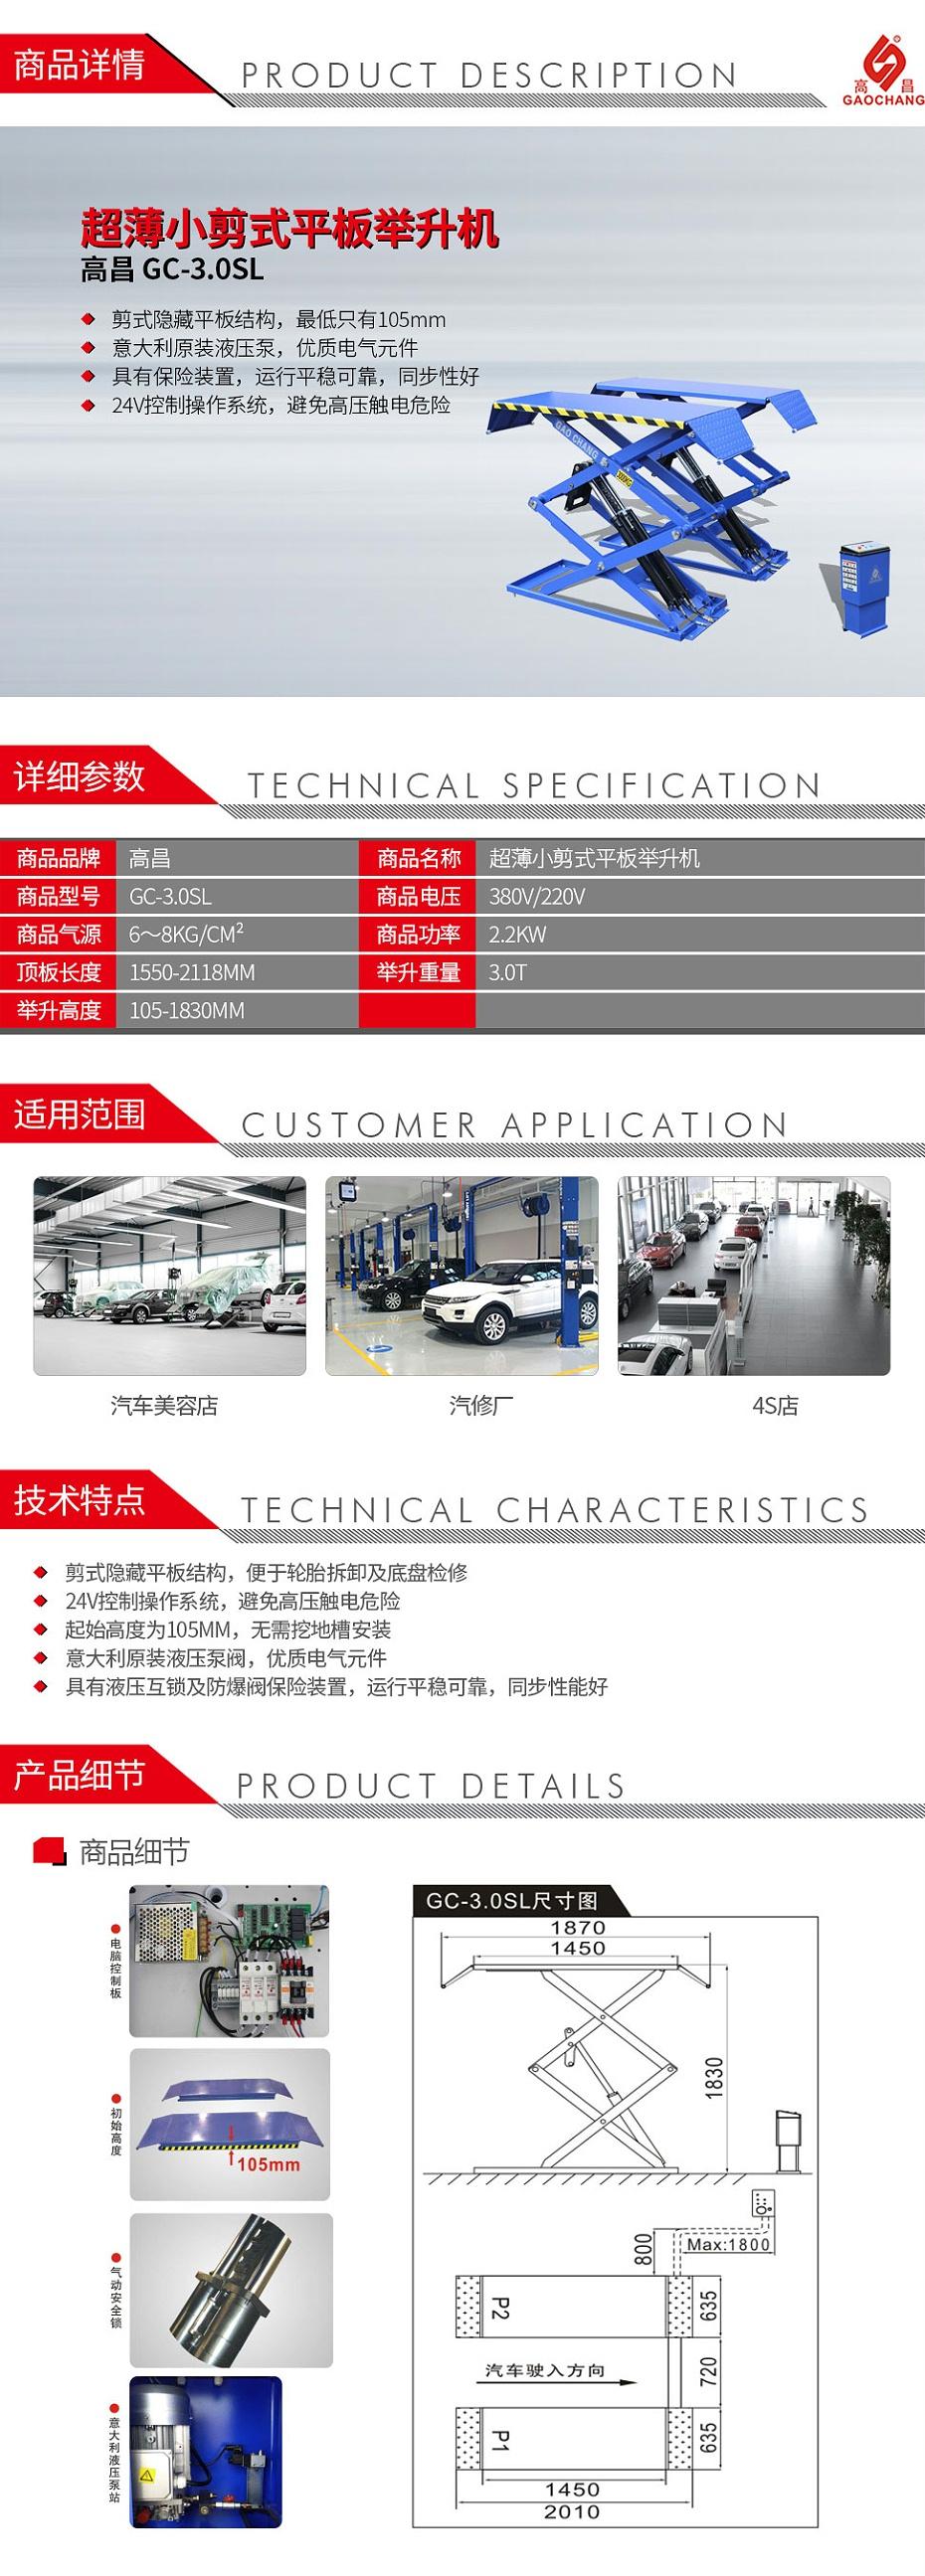 高昌-GC-3_01